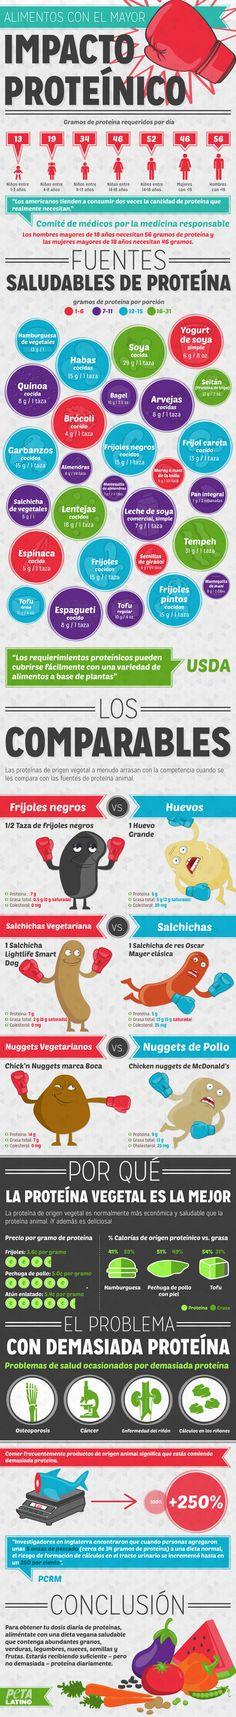 Infografia de las mejores fuentes de proteínas